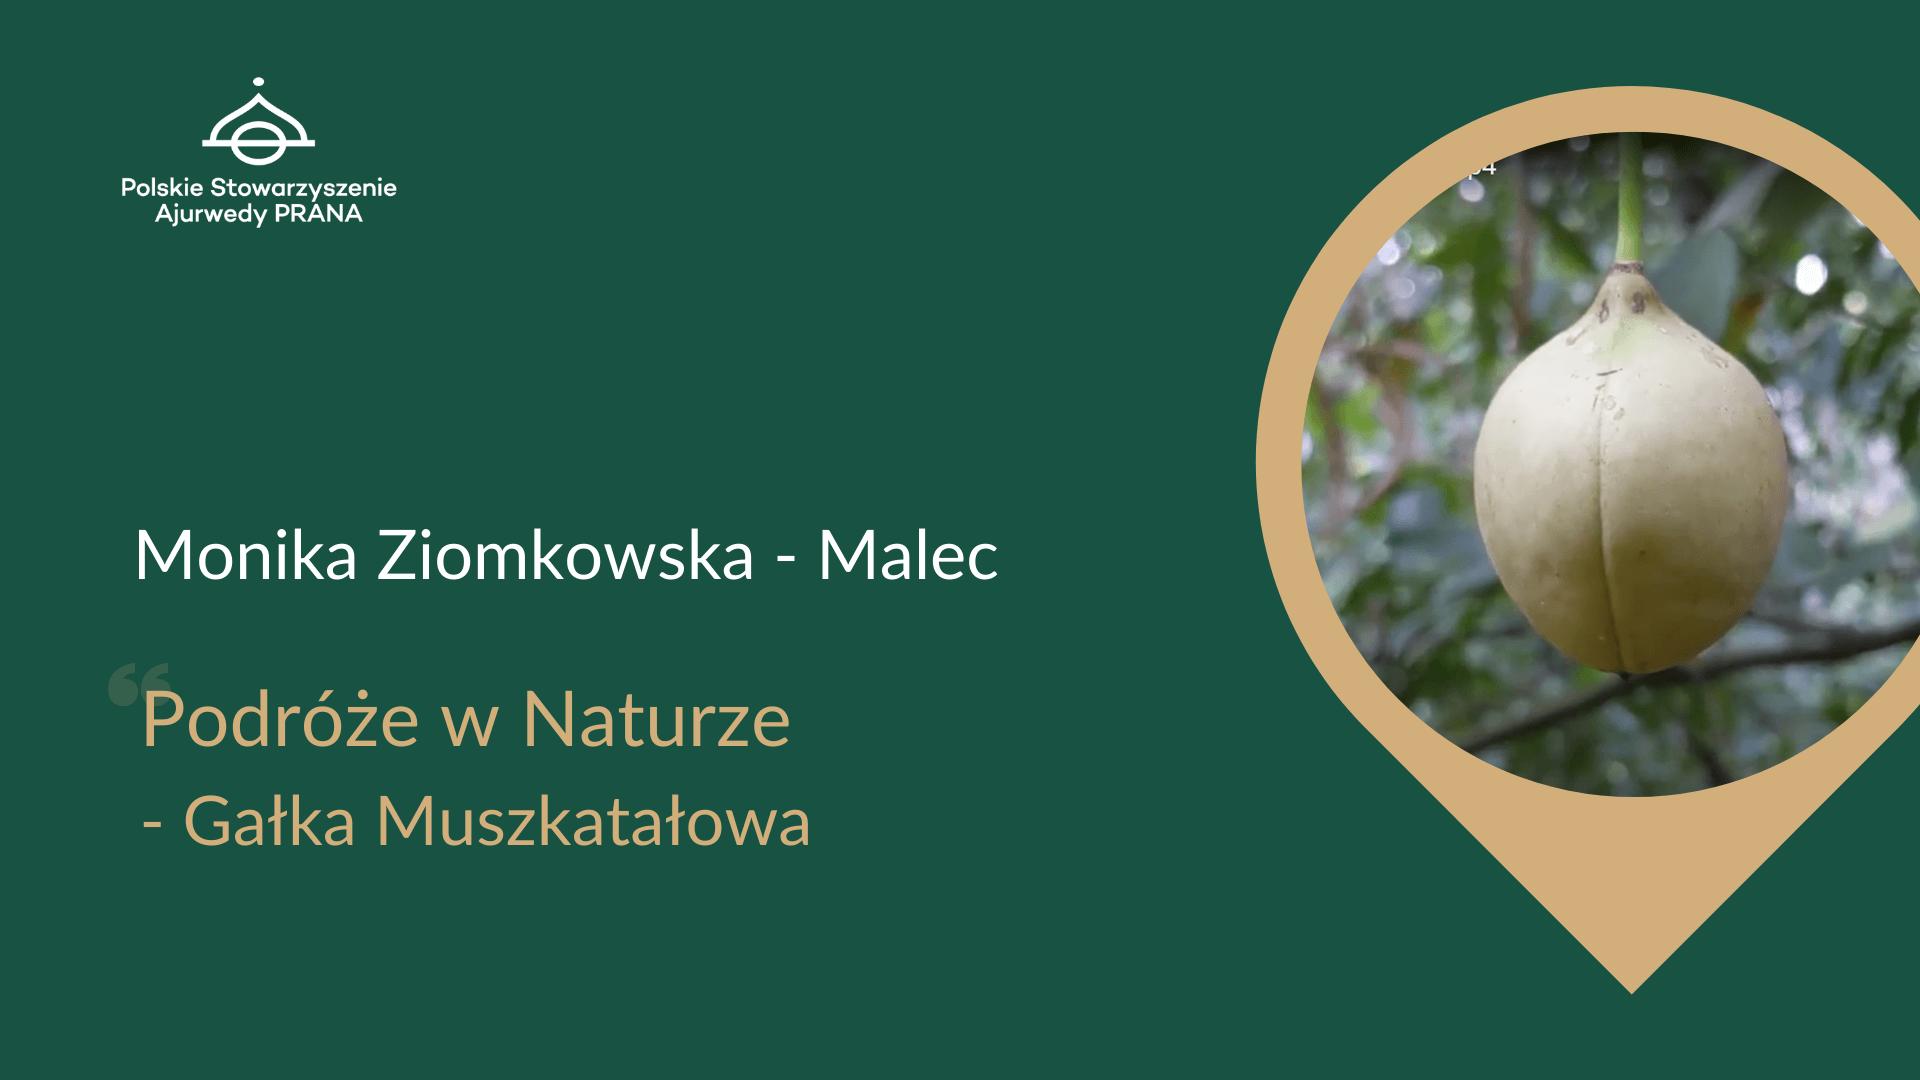 Podróże w Naturze – Gałka Muszkatałowa